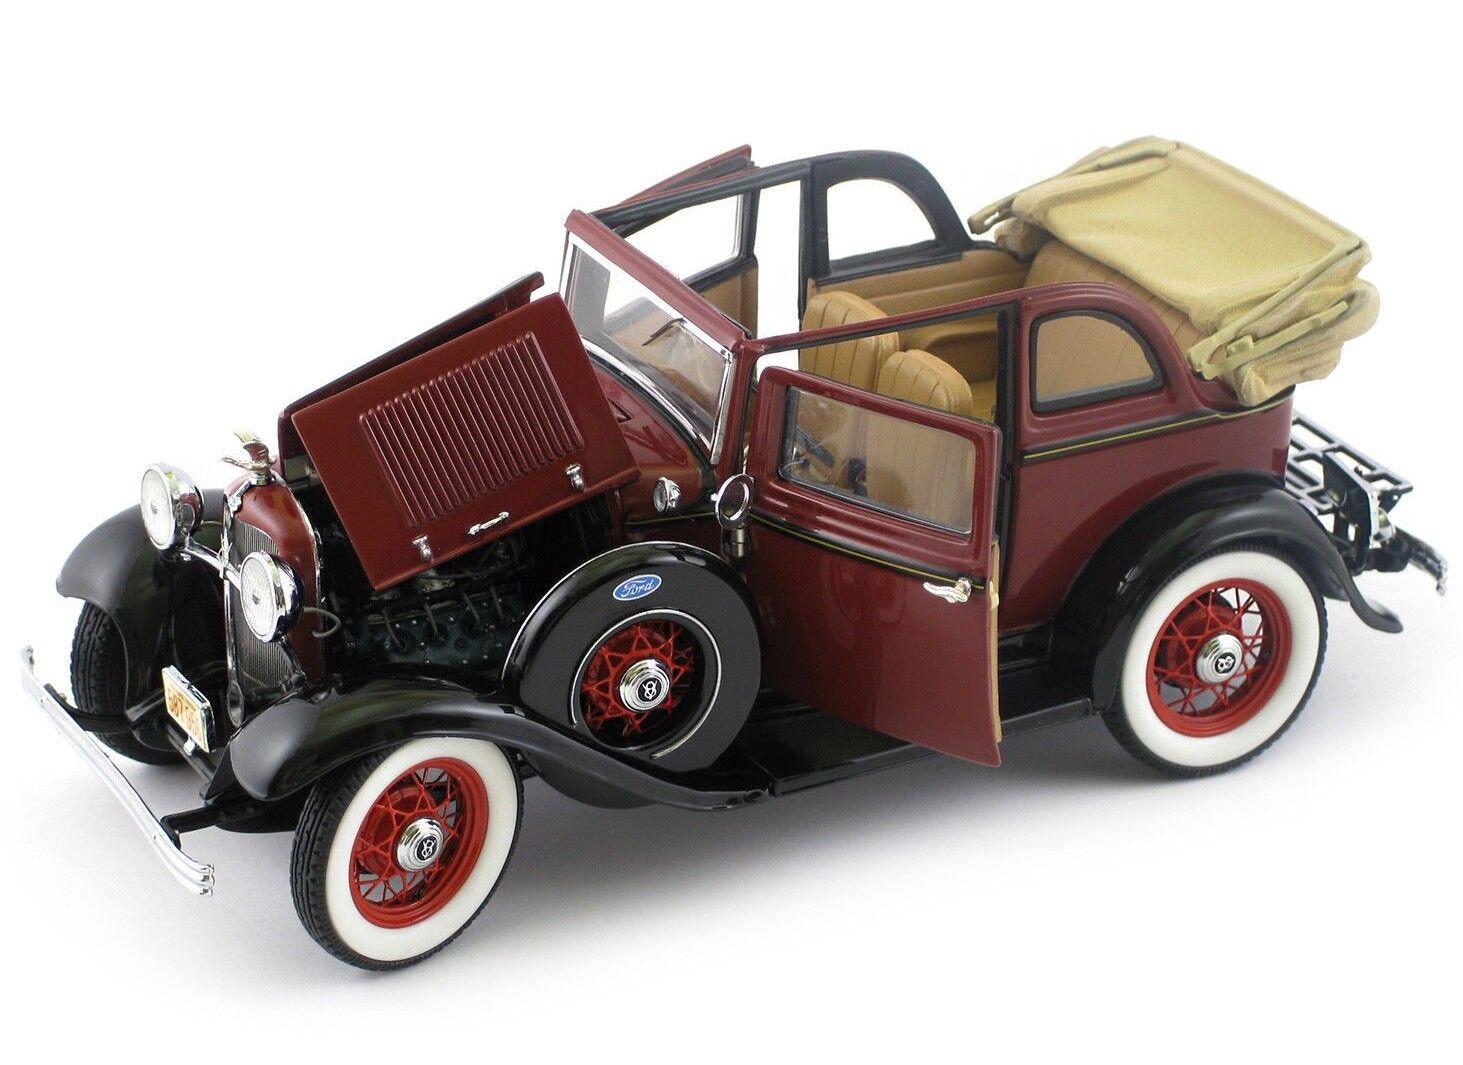 1930 1940 Ford 1 Sport 18 Metal tärningskast modelllllerlerl Bil 12 årgång T Antique Race 24